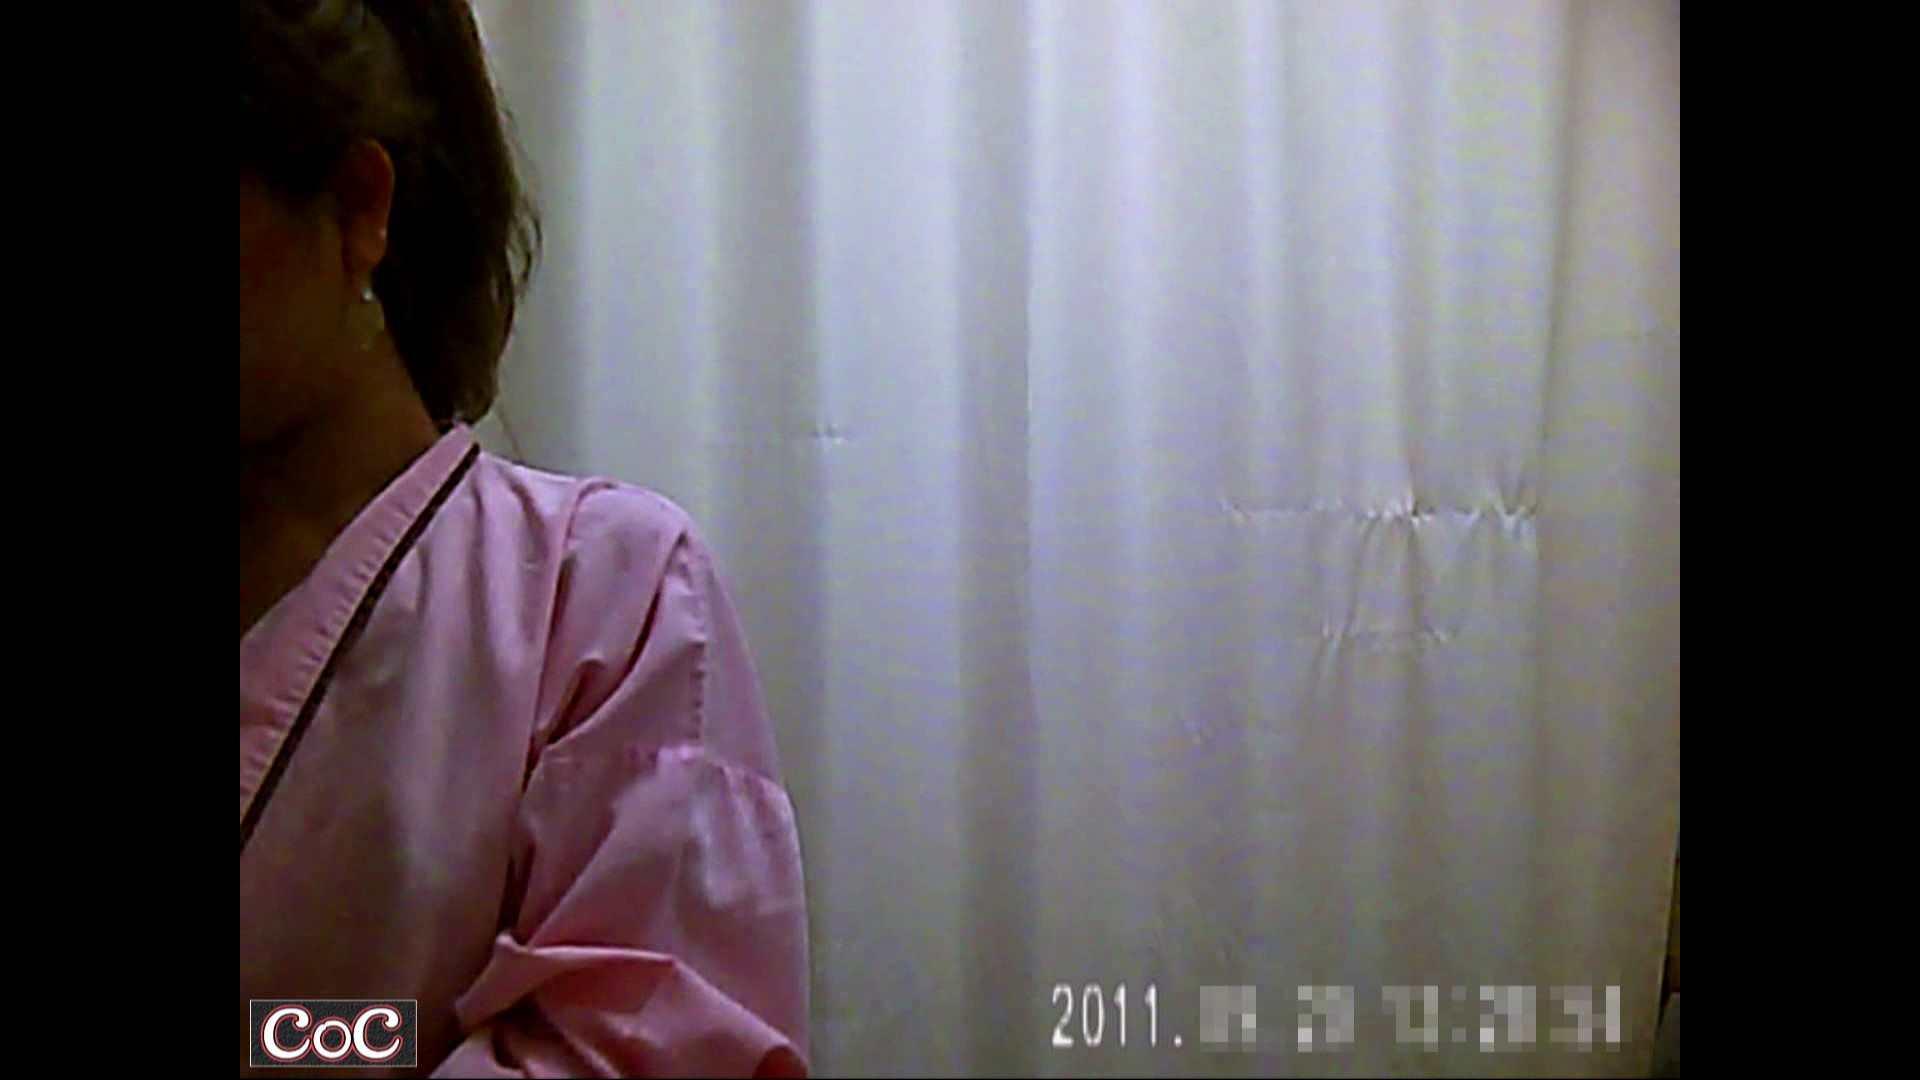 病院おもいっきり着替え! vol.29 OLの実態 盗撮おまんこ無修正動画無料 98pic 72